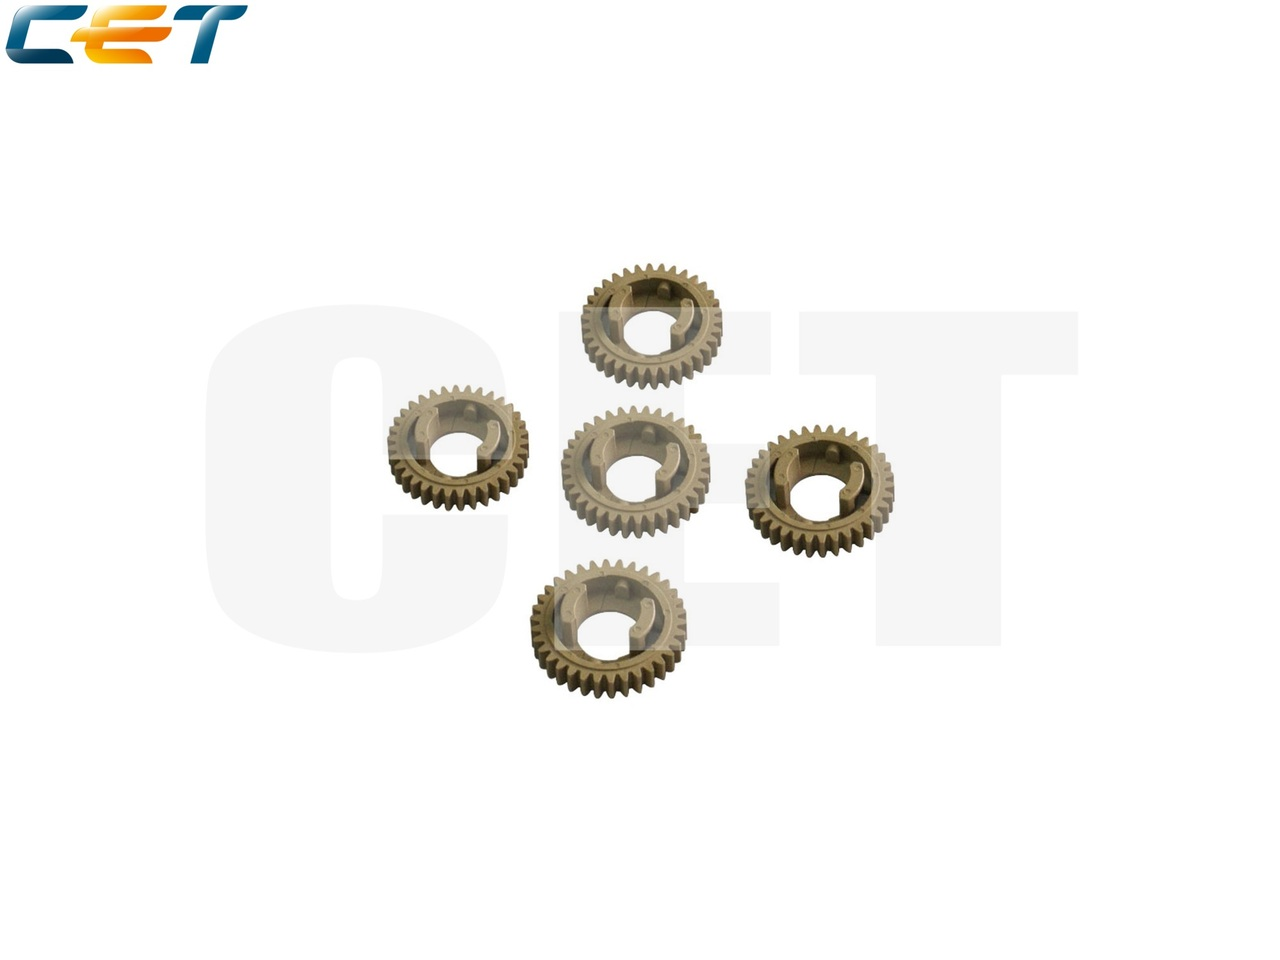 Шестерня привода тефлонового вала для BROTHERHL-5240/5250, DCP-8060 (CET), CET3557